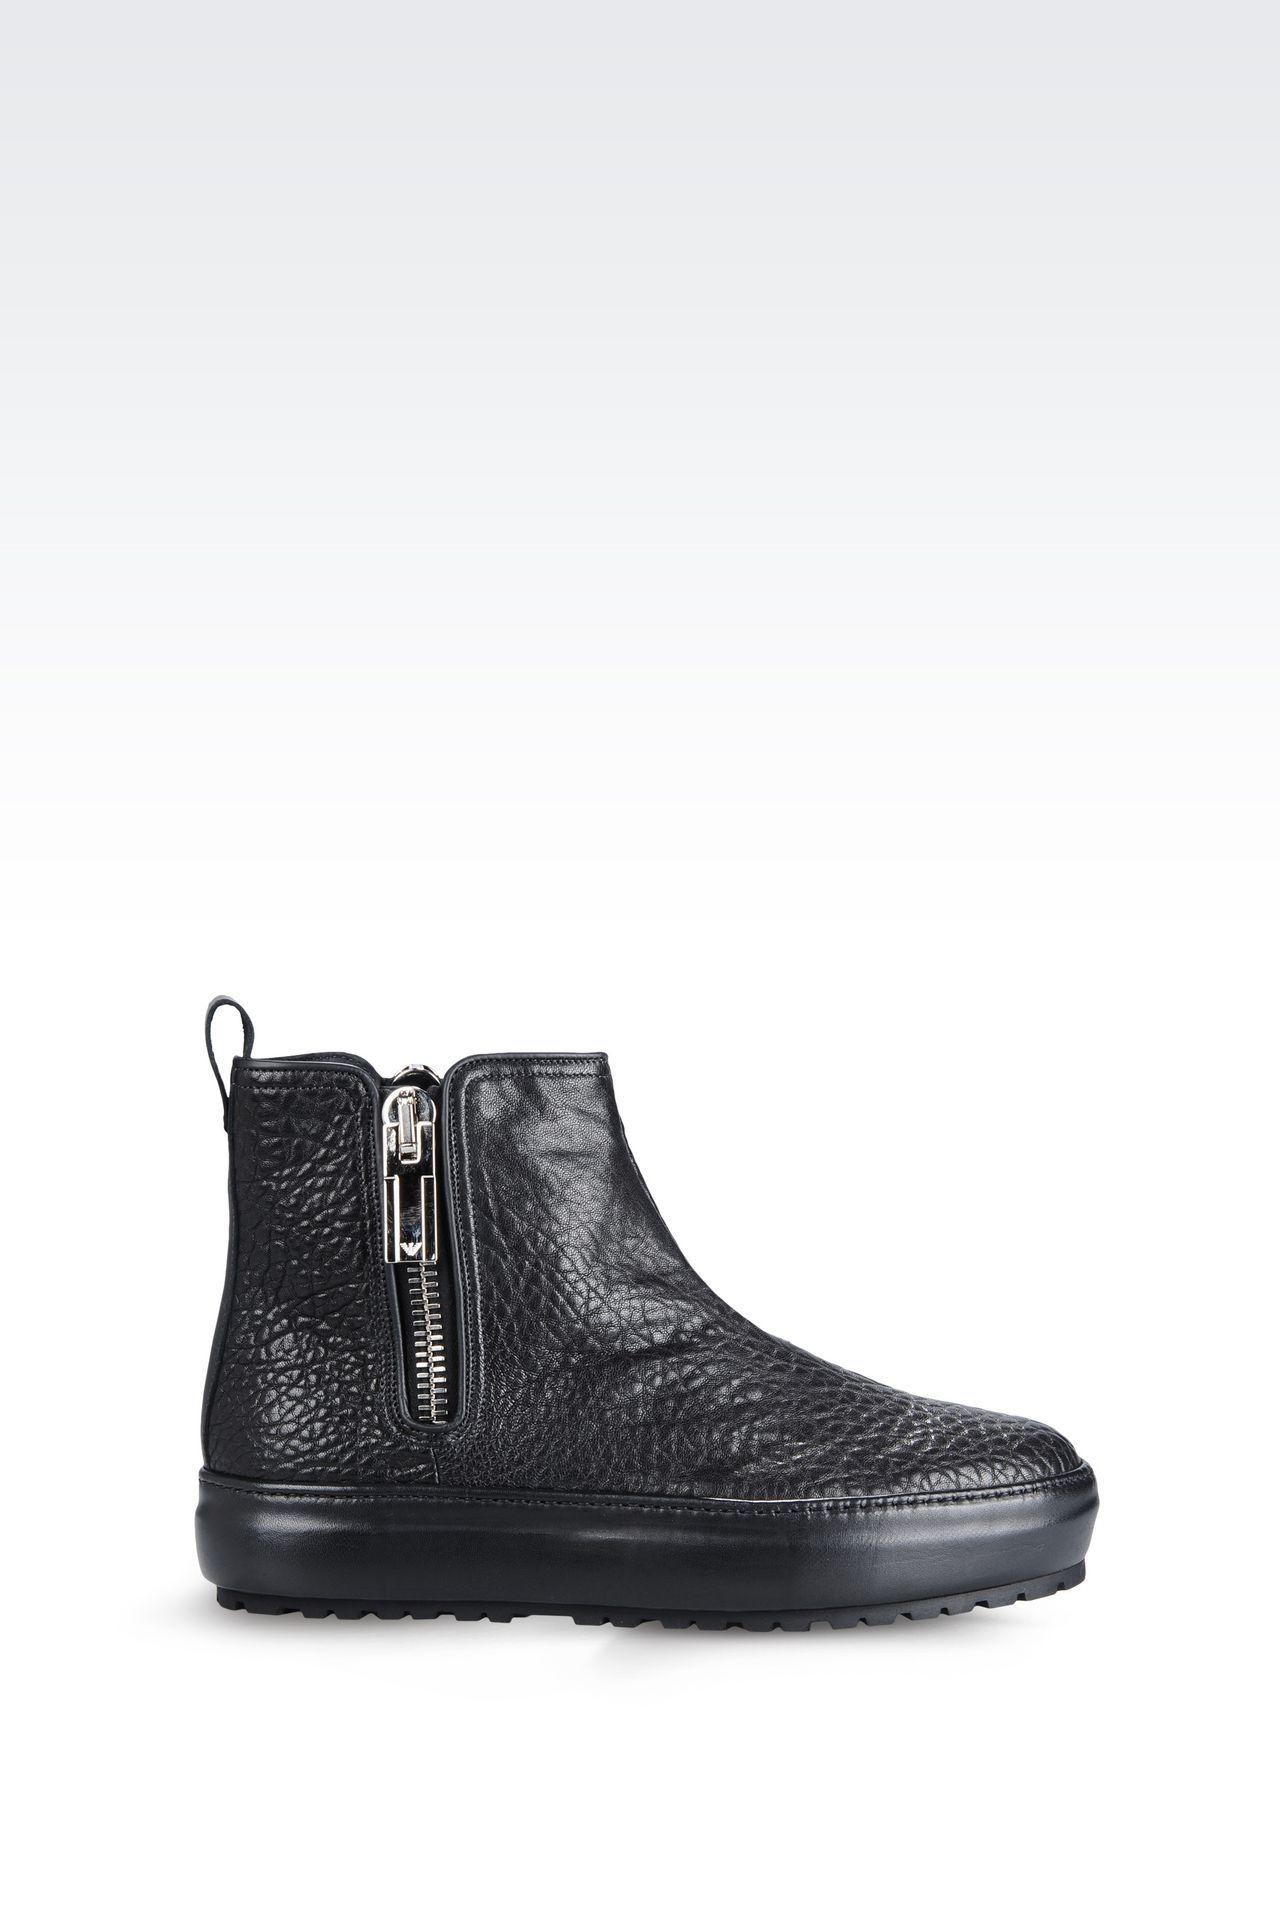 22e8787f66f Emporio Armani Men Ankle Boots - Emporio Armani Official Online Store